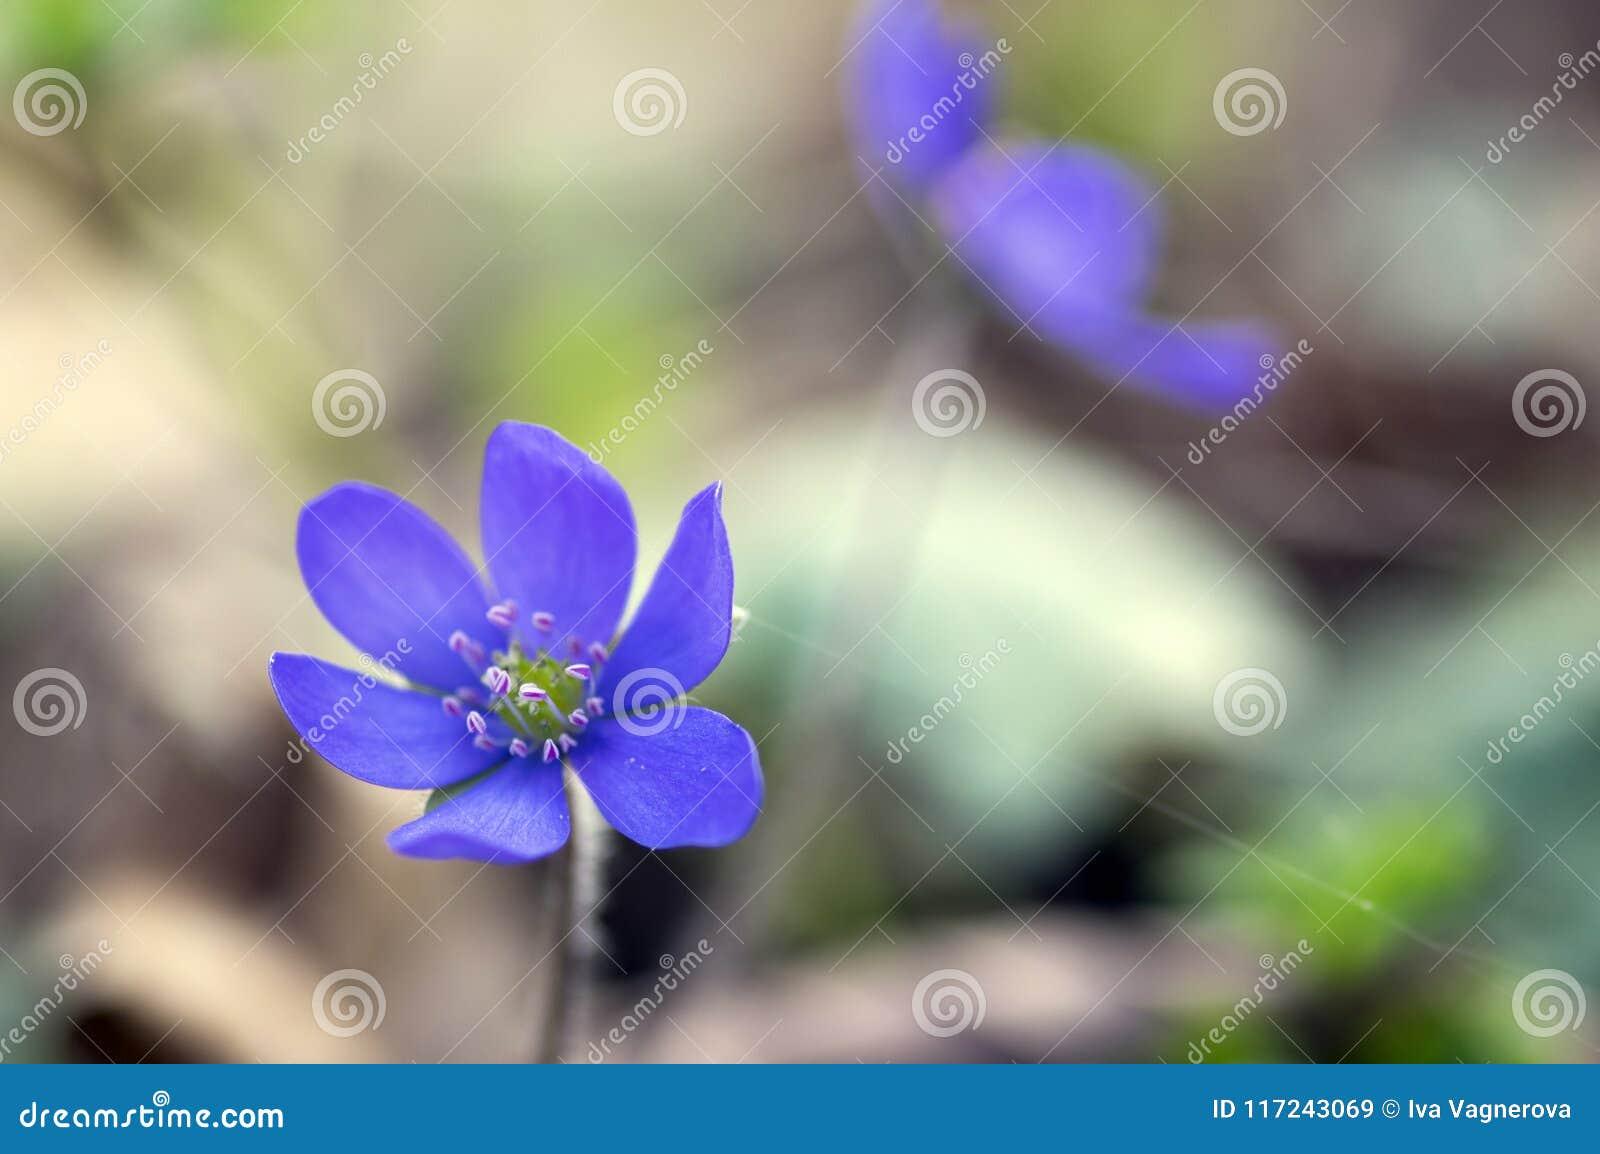 Hepatica nobilis in bloom single blue violet purple small flowers hepatica nobilis in bloom single blue violet purple small flowers early spring wildflowers mightylinksfo